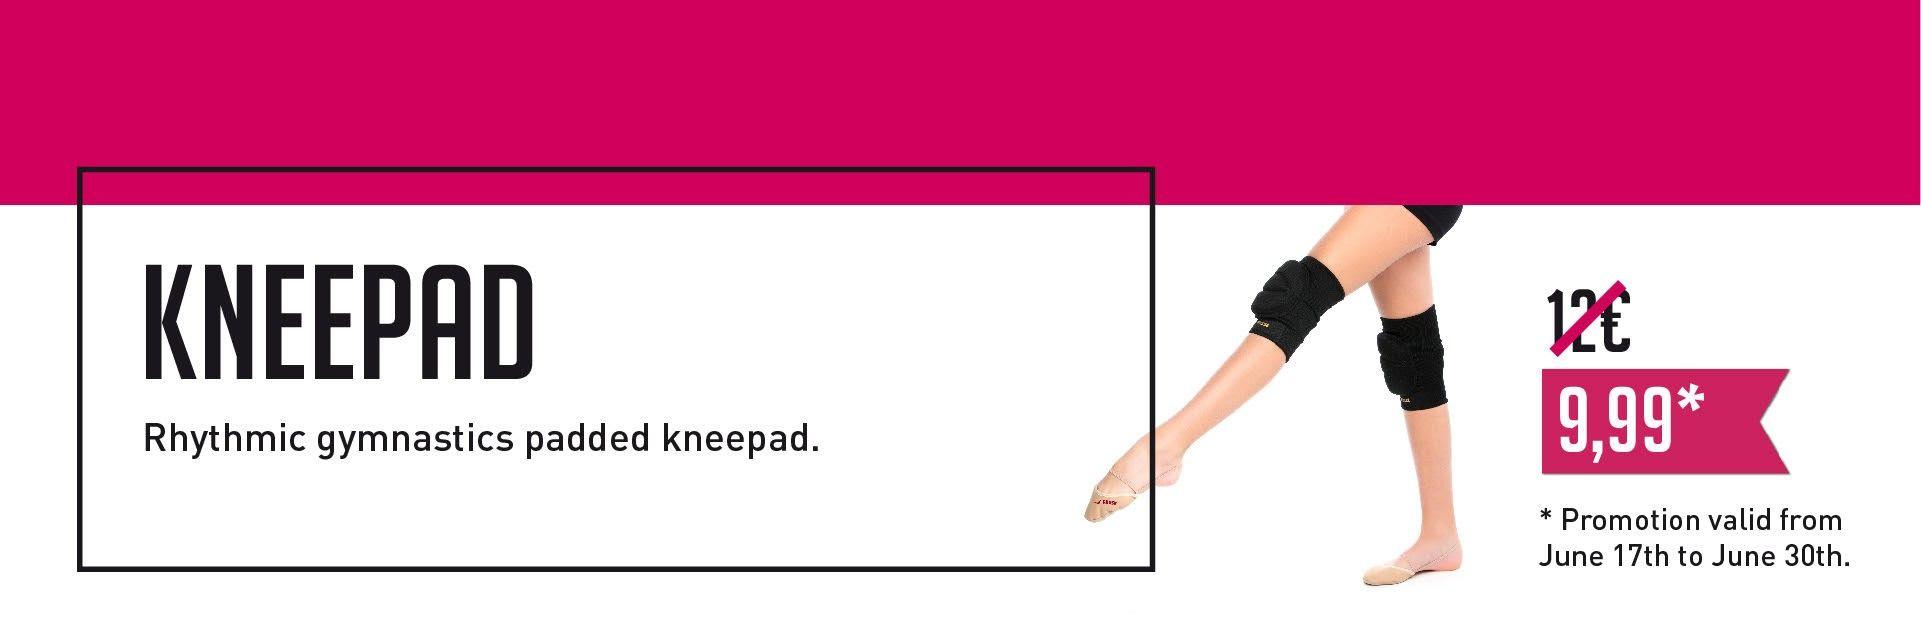 Kneepad